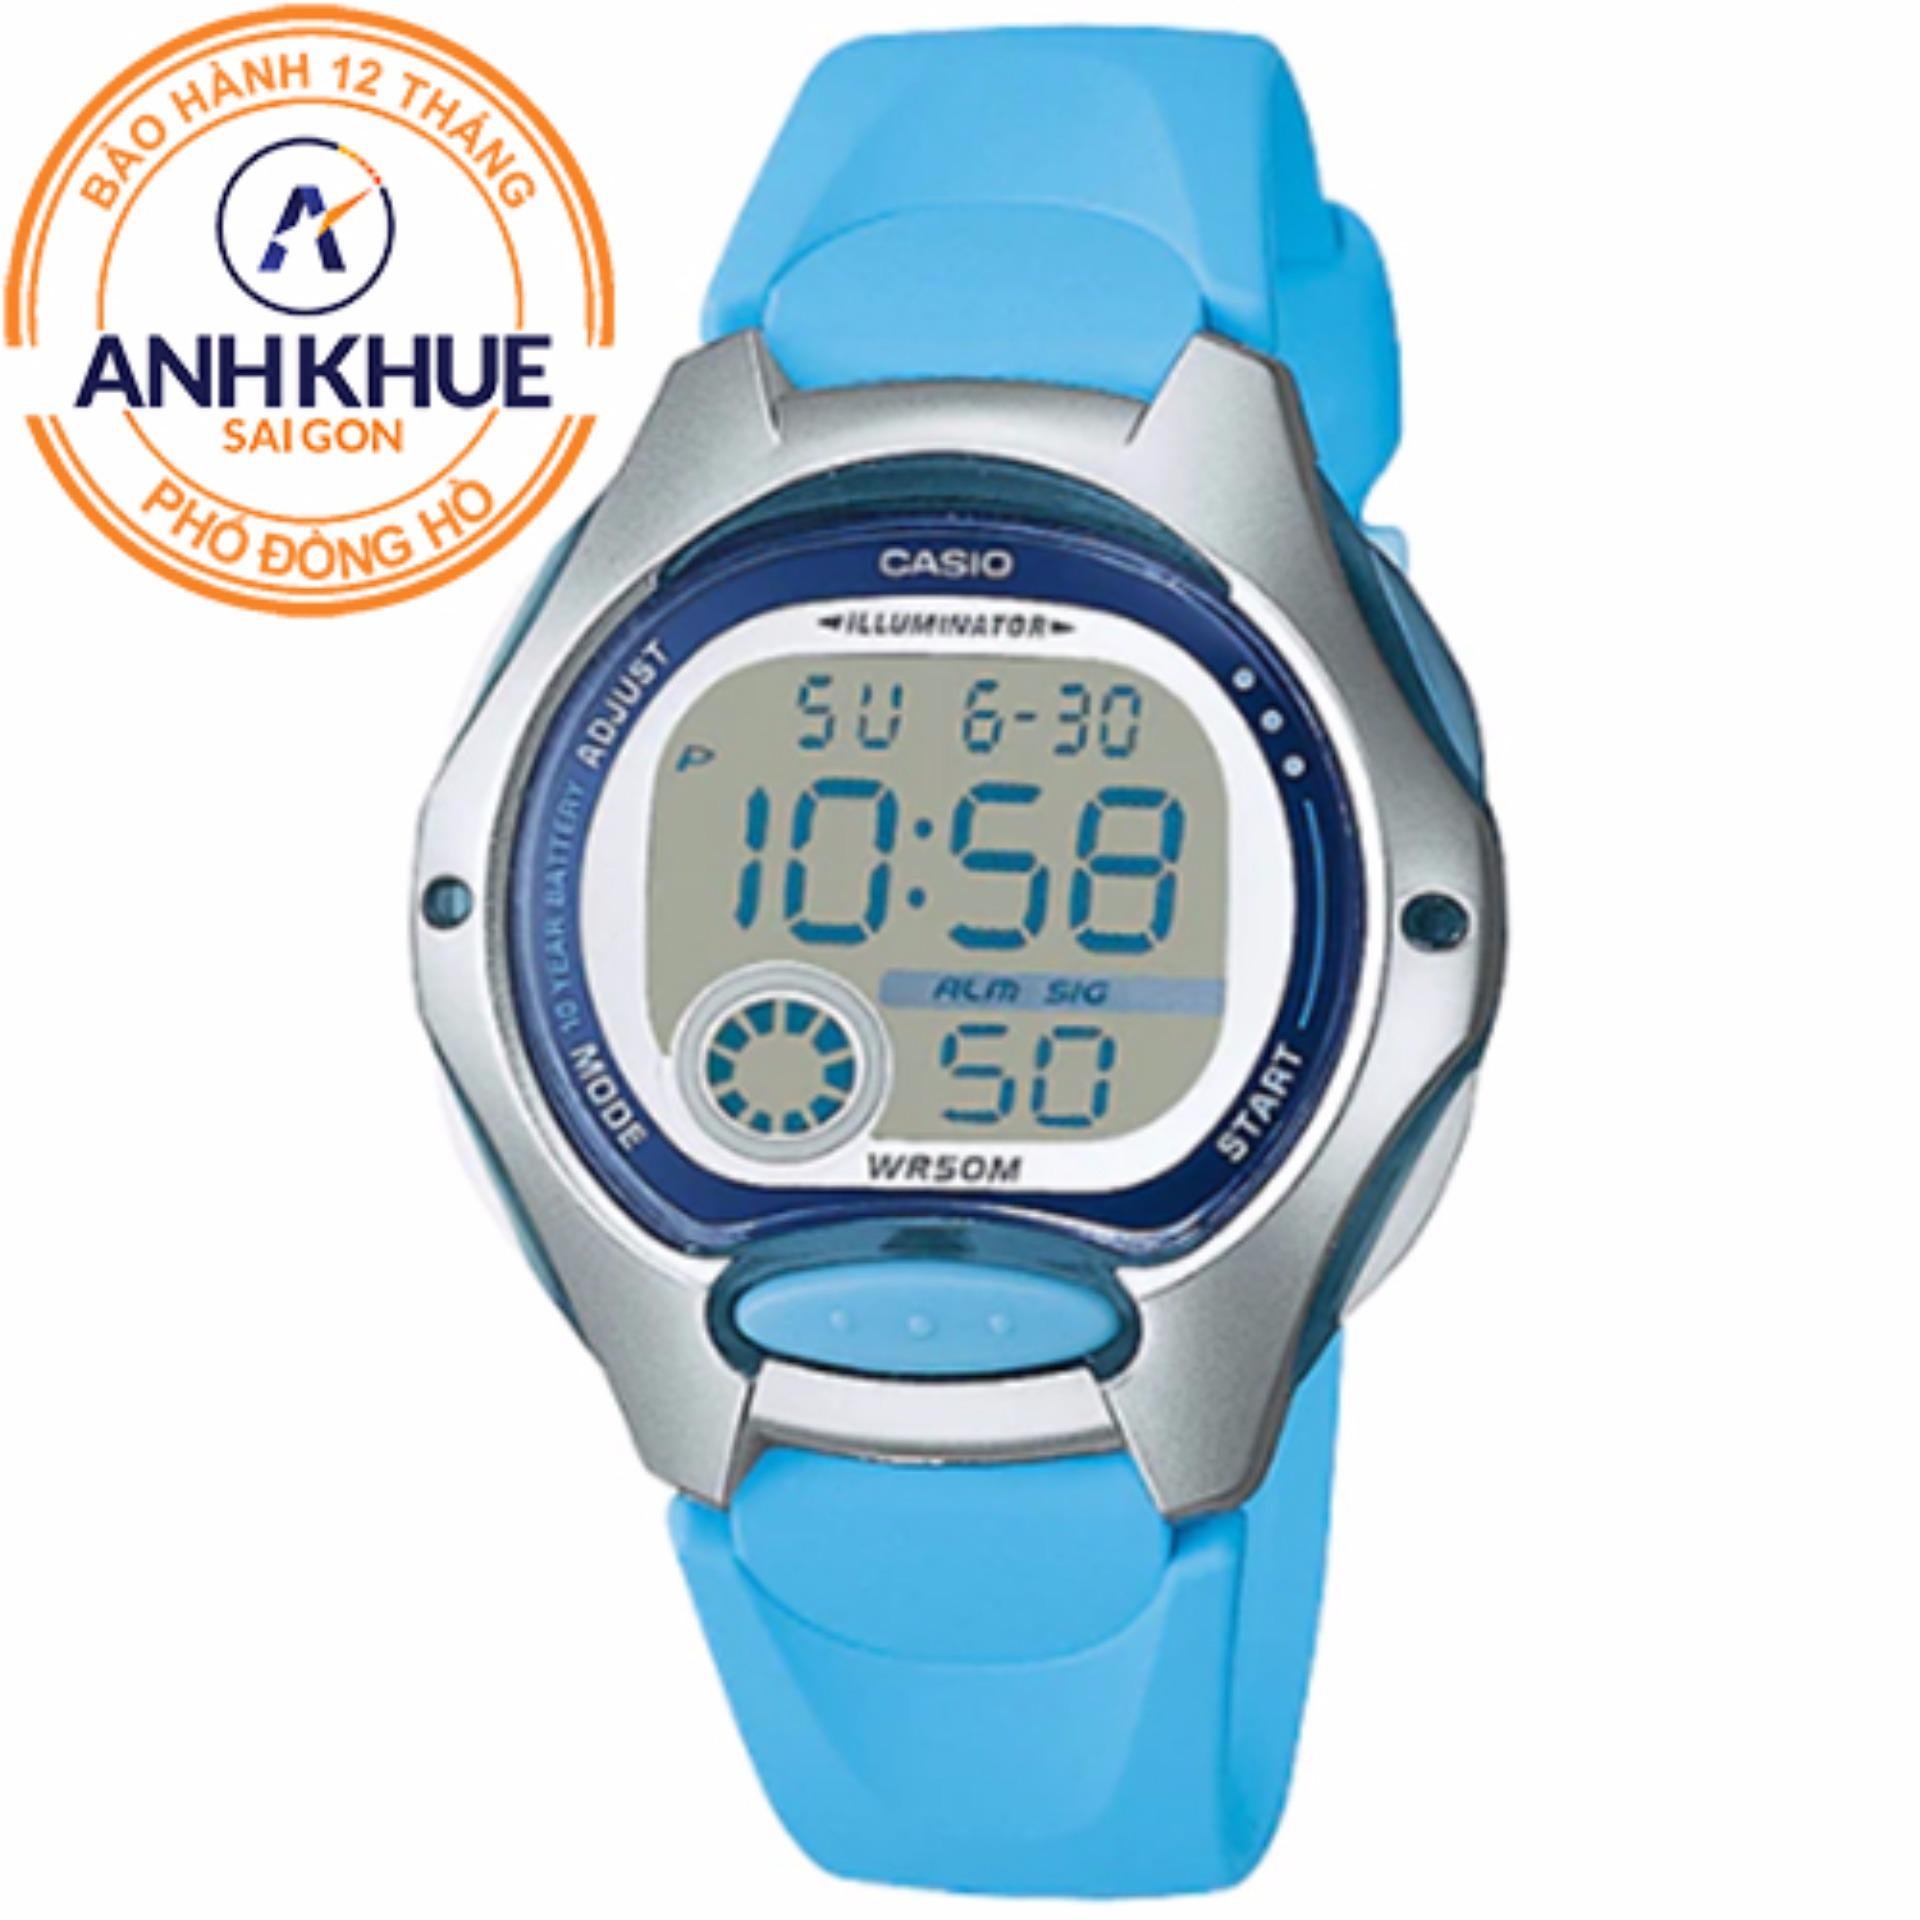 Đồng hồ nữ dây nhựa Casio Anh Khuê LW-200-2BVDF